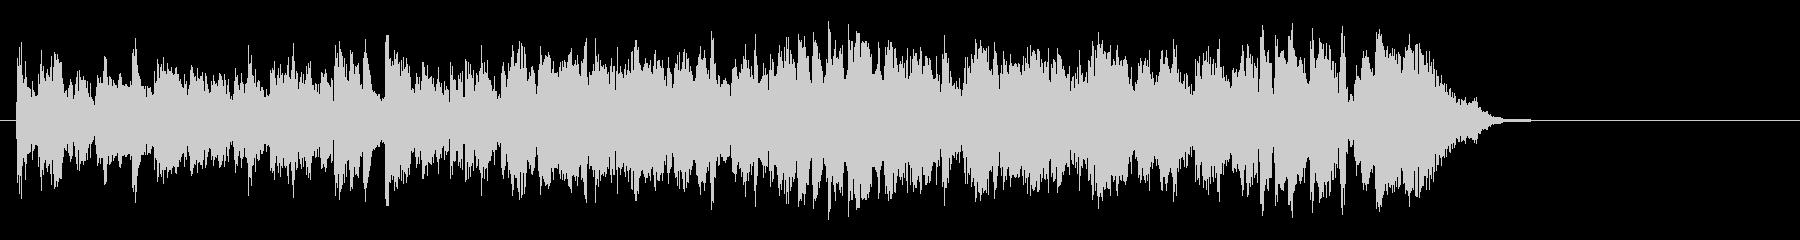 軽快なポップフュージョン(Aメロ)の未再生の波形